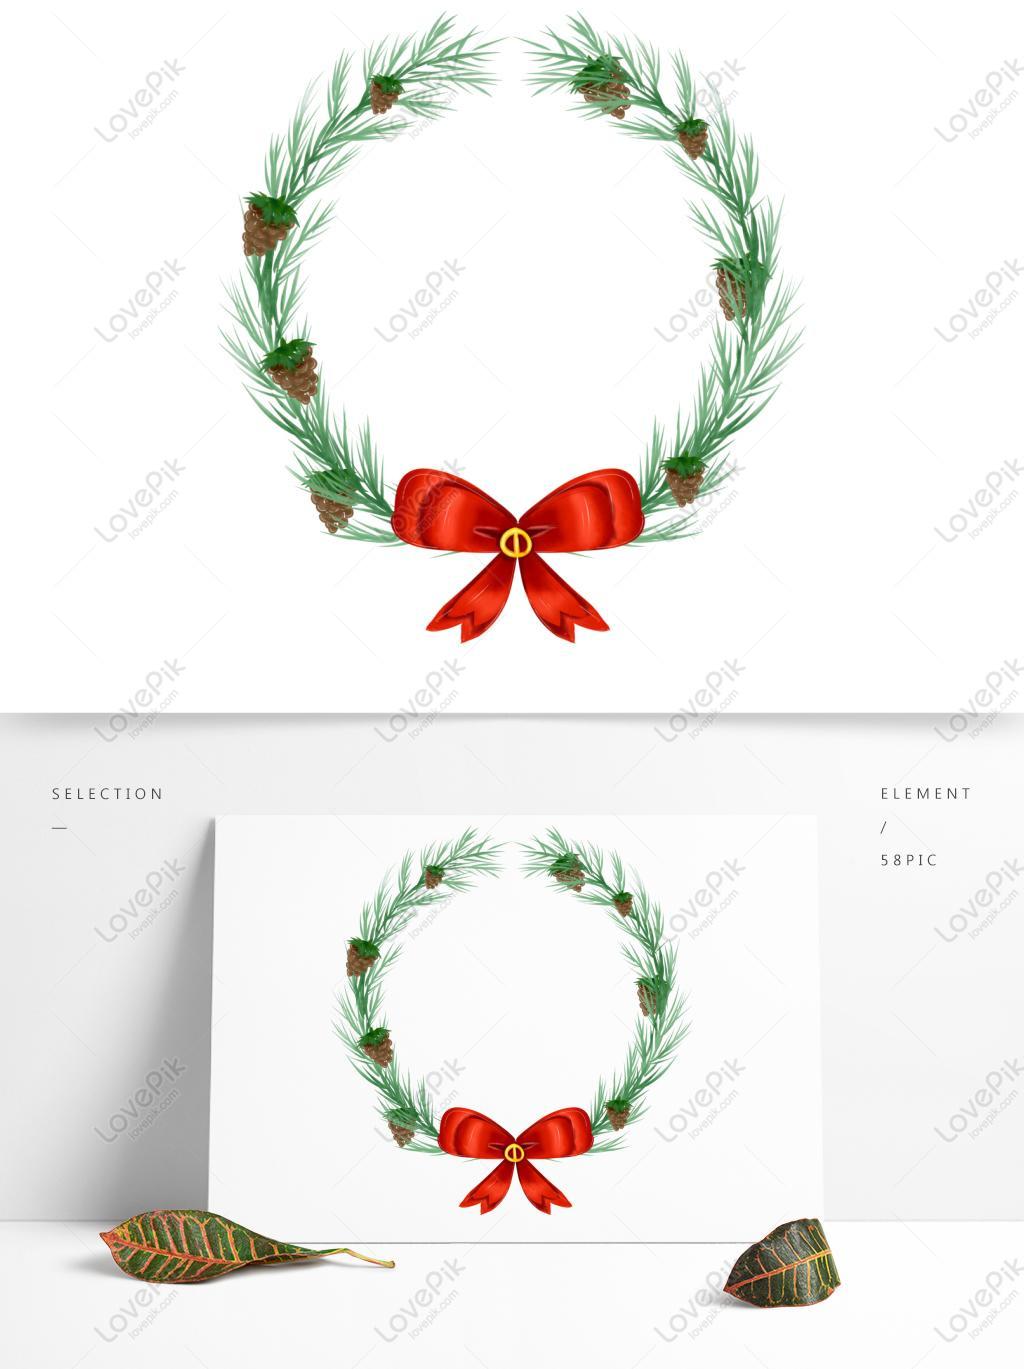 商用手繪聖誕節日樹枝植物聖誕花環元素PSD美工圖案免費下載-素材分辨率1369 × 1024px - Lovepik ID732503830